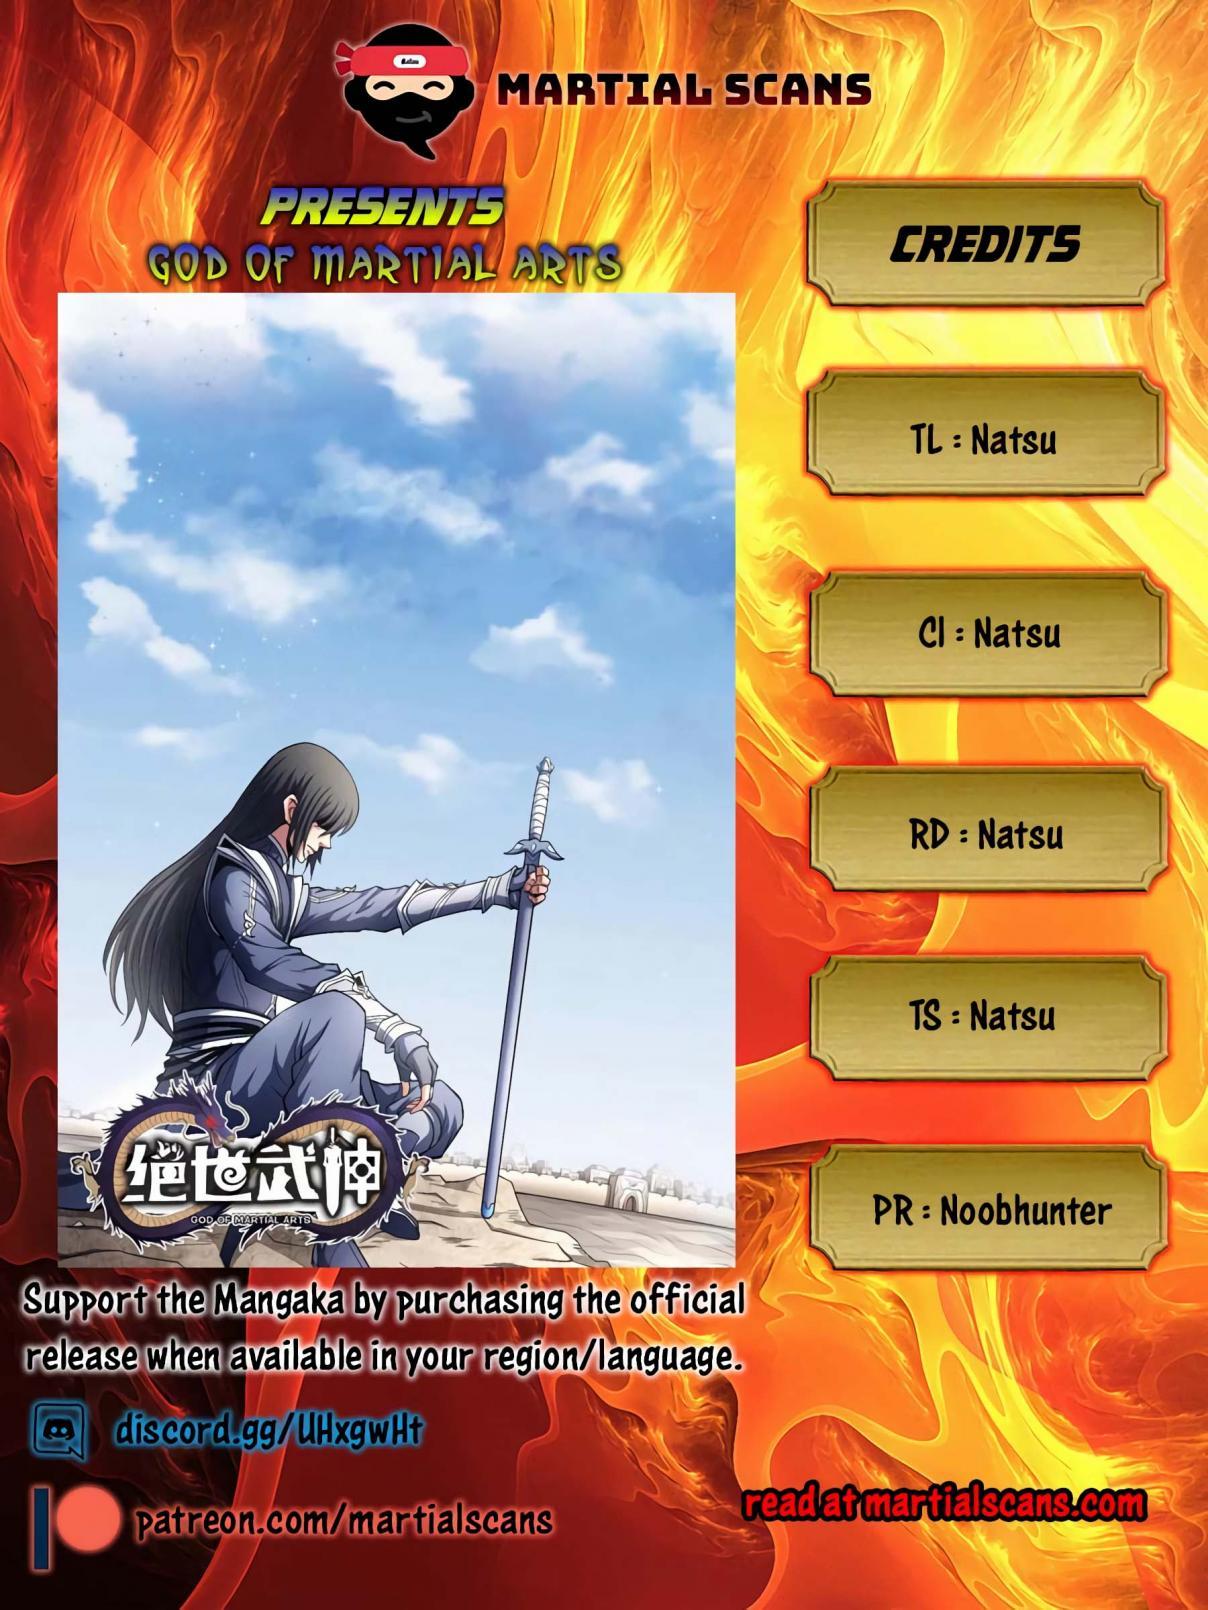 https://img3.nineanime.com/comics/pic4/1/20545/2741750/a47878d8262fec7042a338488ccb1b4a.jpg Page 1